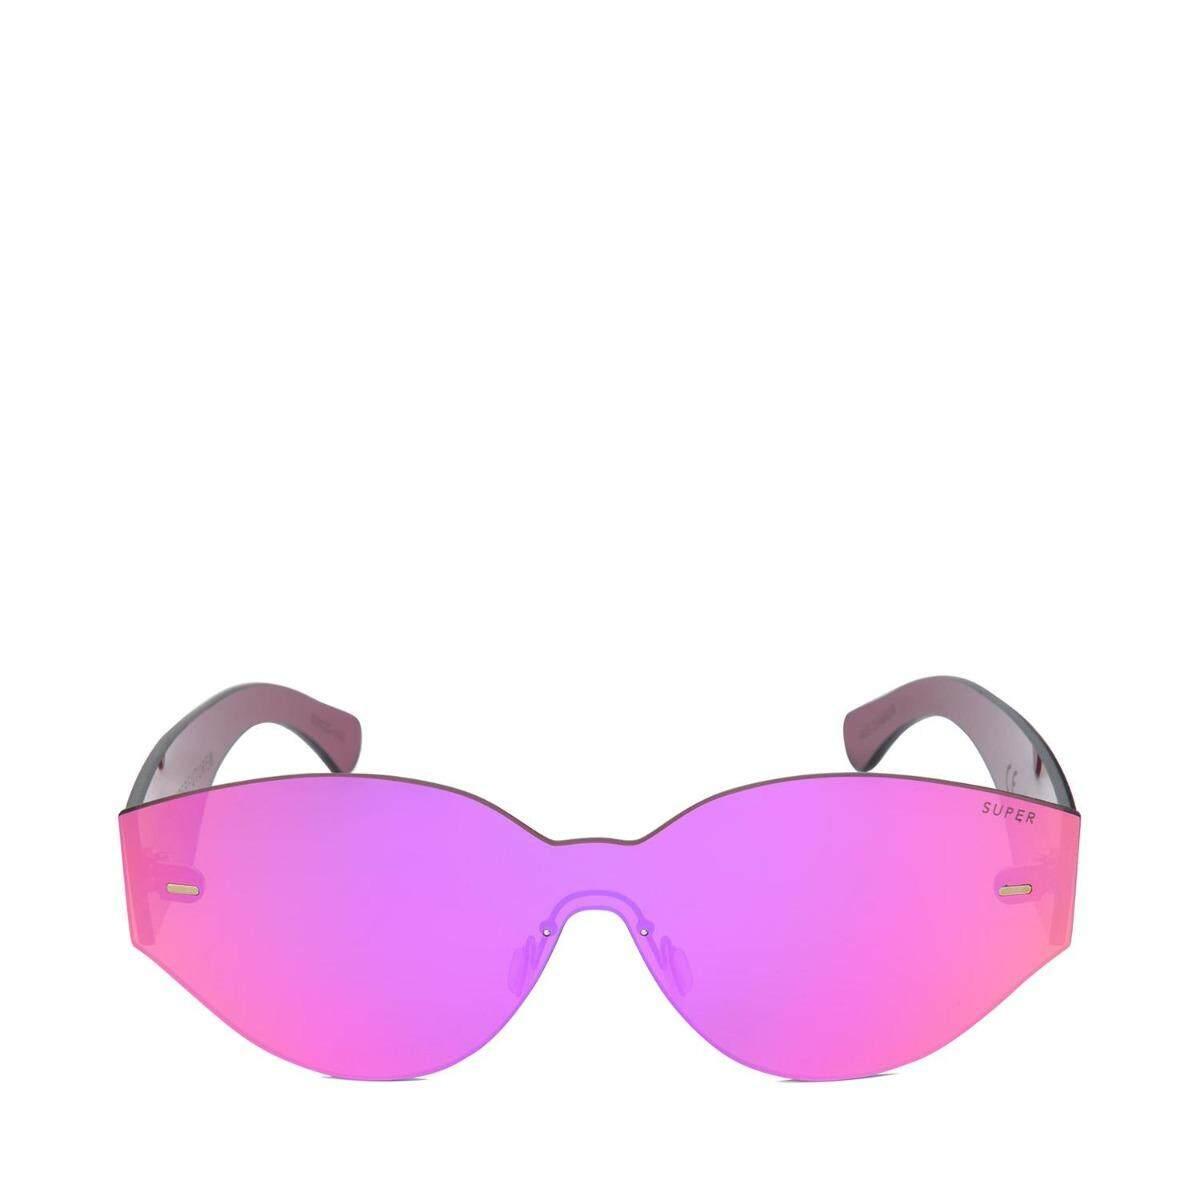 Eyewear แว่นตากันแดด Sunglasses Tuttolente Drew Mama Pink รุ่น SP-A6E เครื่องประดับผู้ชาย ผู้ชาย กระเป๋าและเครื่องประดับ แว่นตากันแดด SUPER Tuttolente Drew Mama Pink รุ่น SP-A6E ปกป้องดวงตาคู่สวยของคุณด้วยแว่นกันแดดจากแบรนด์SUPERแว่นตาทรงสวยคุณภาพ